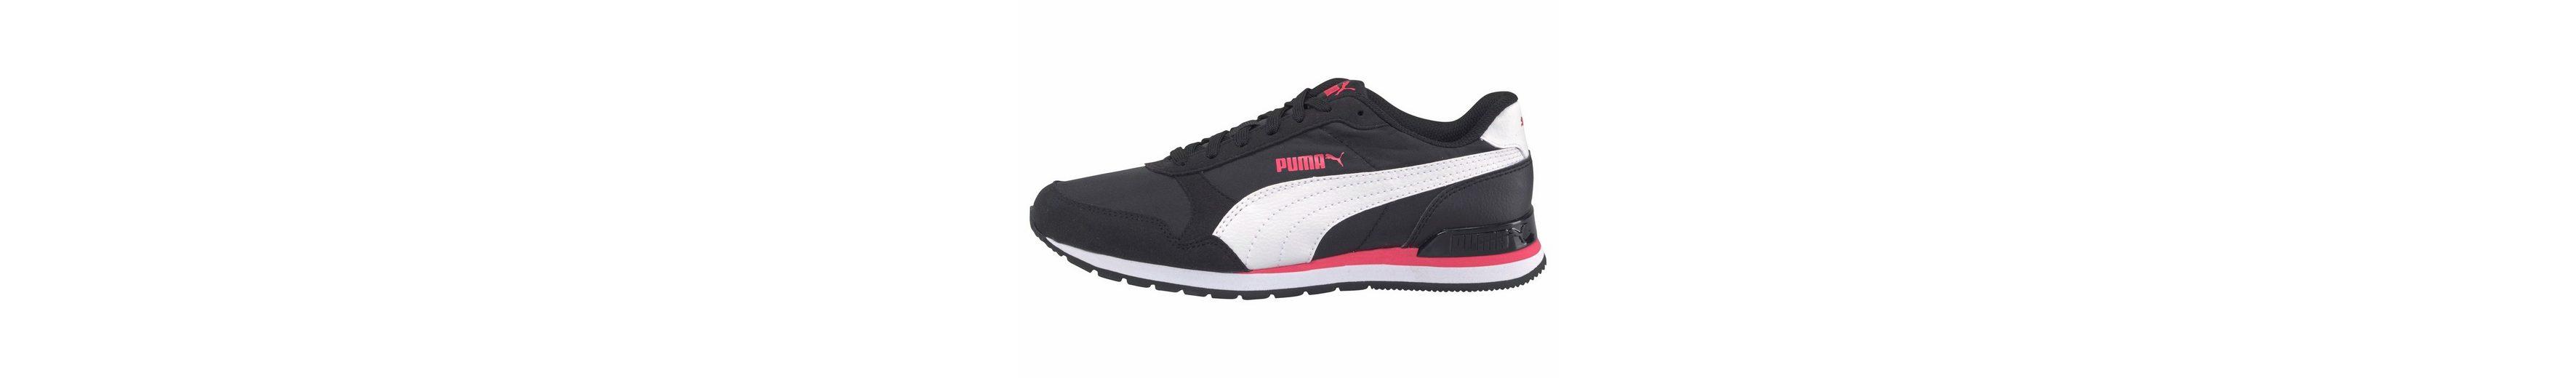 PUMA ST Runner v2 NL Sneaker Fabrikverkauf Günstiger Preis WBwfEYARu